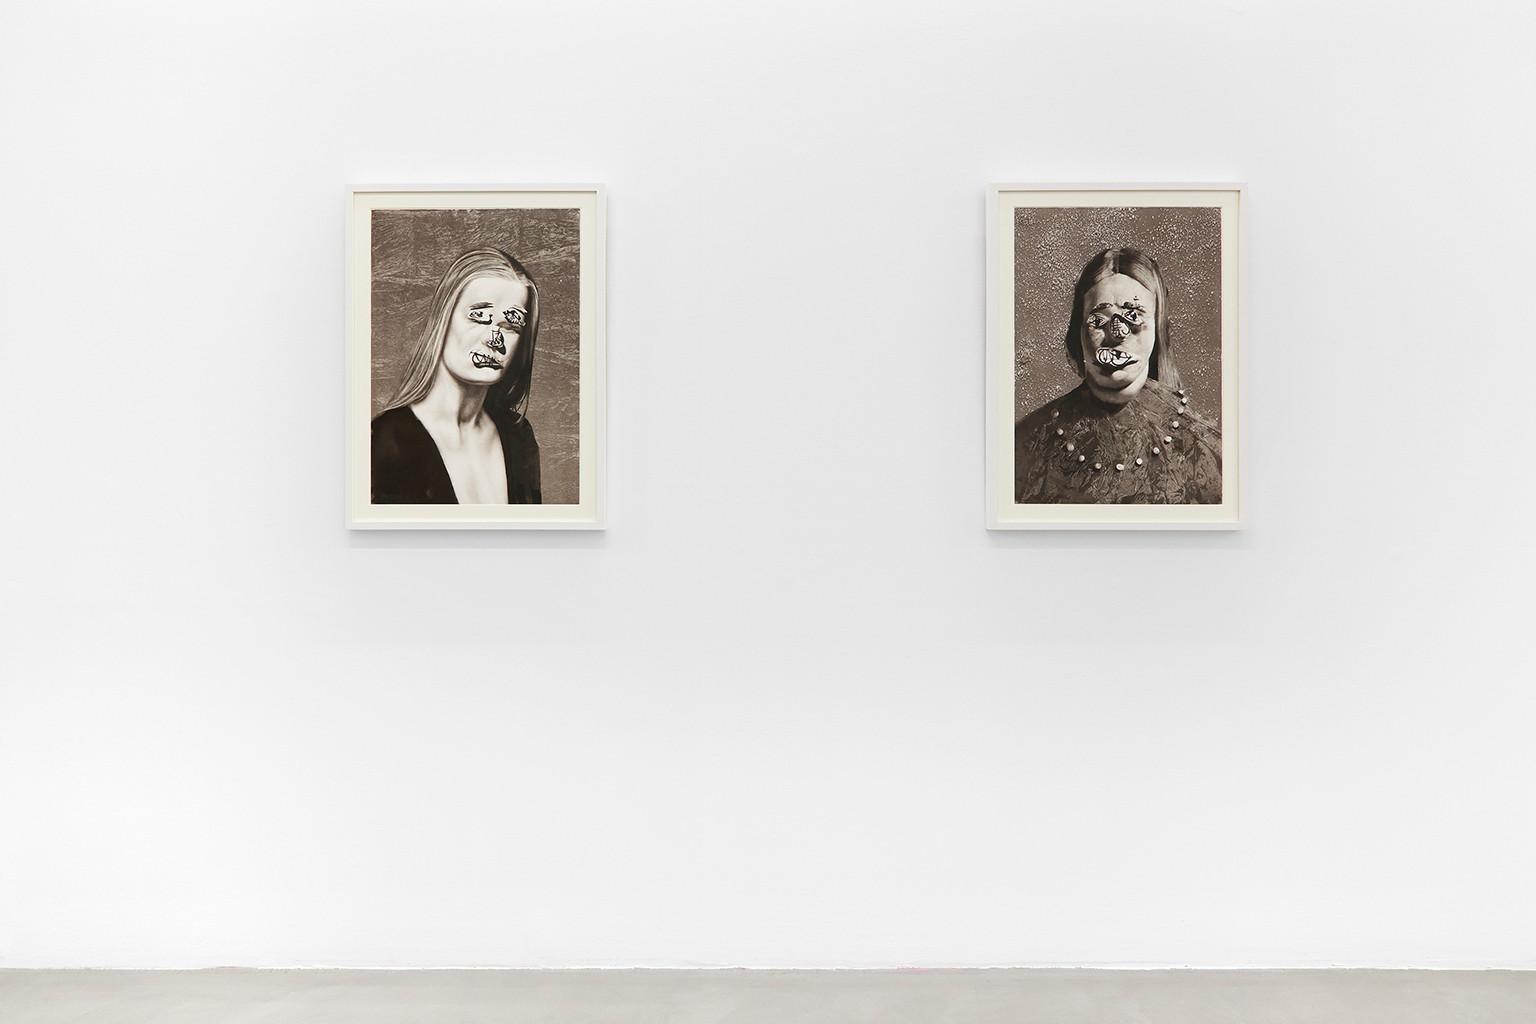 Galerie Julien Cadet Christian Rex van Minnen BLUNT!